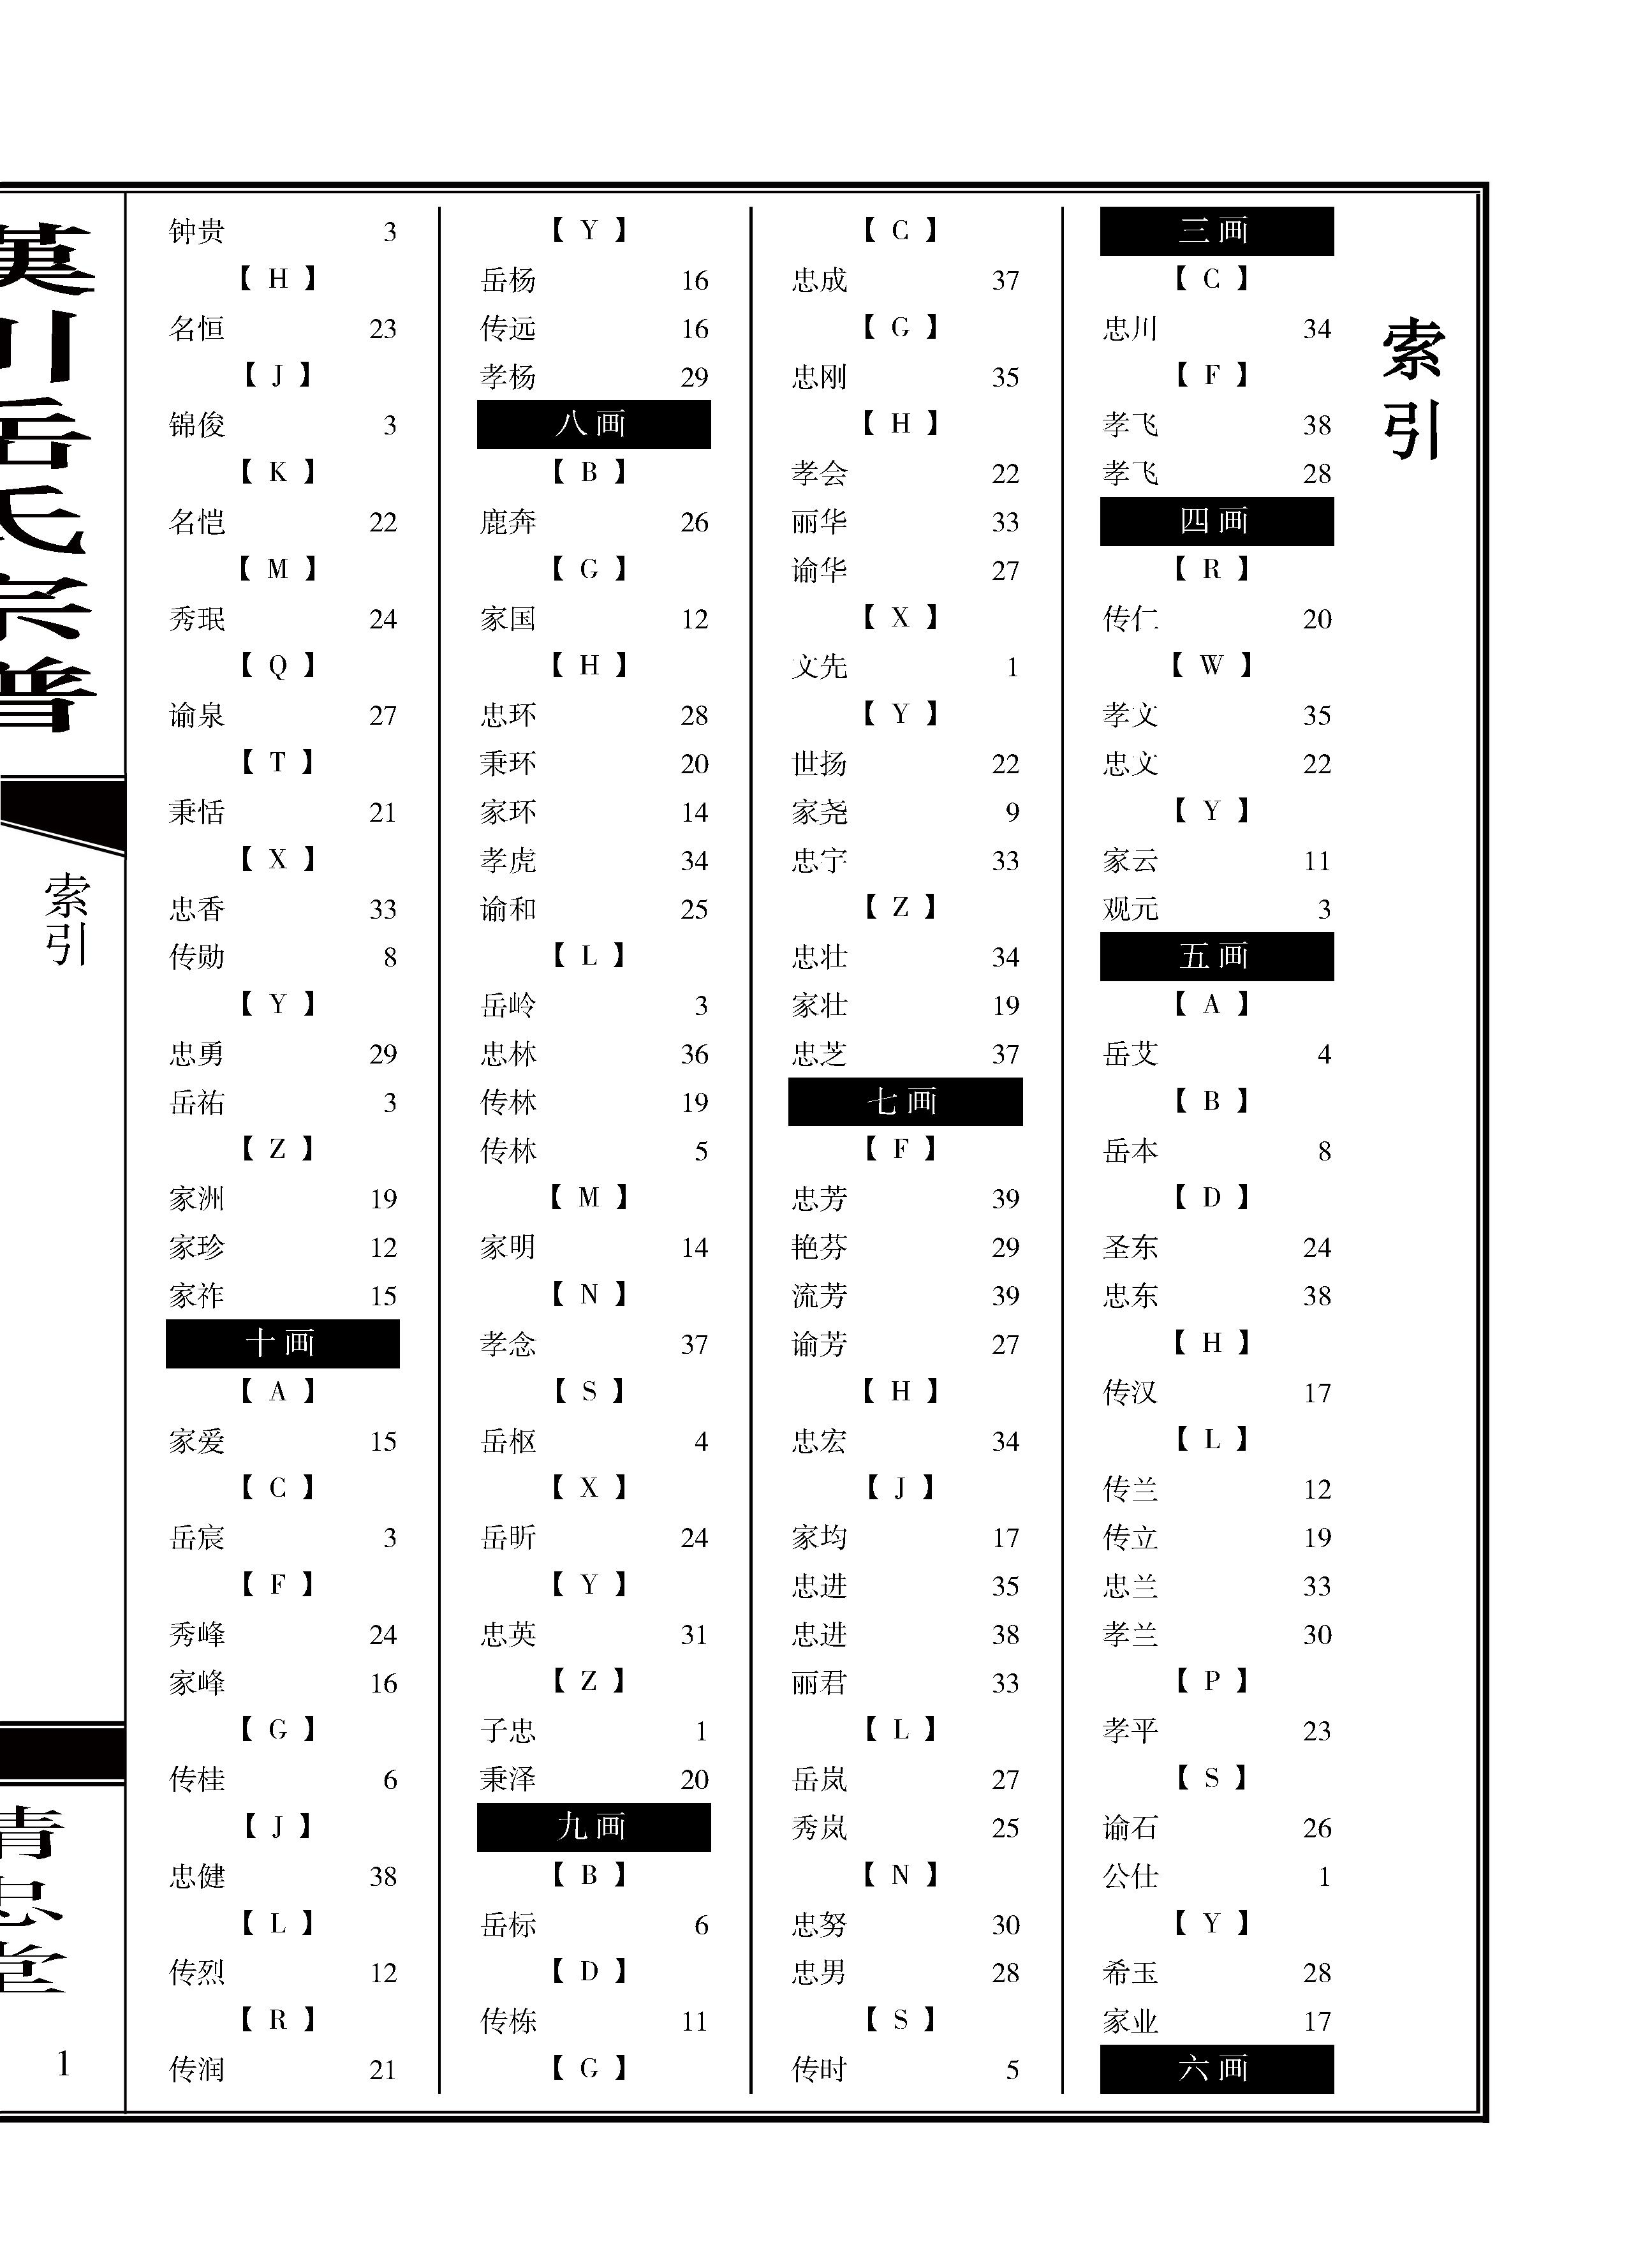 页面提取自-13古典标准欧式_页面_2